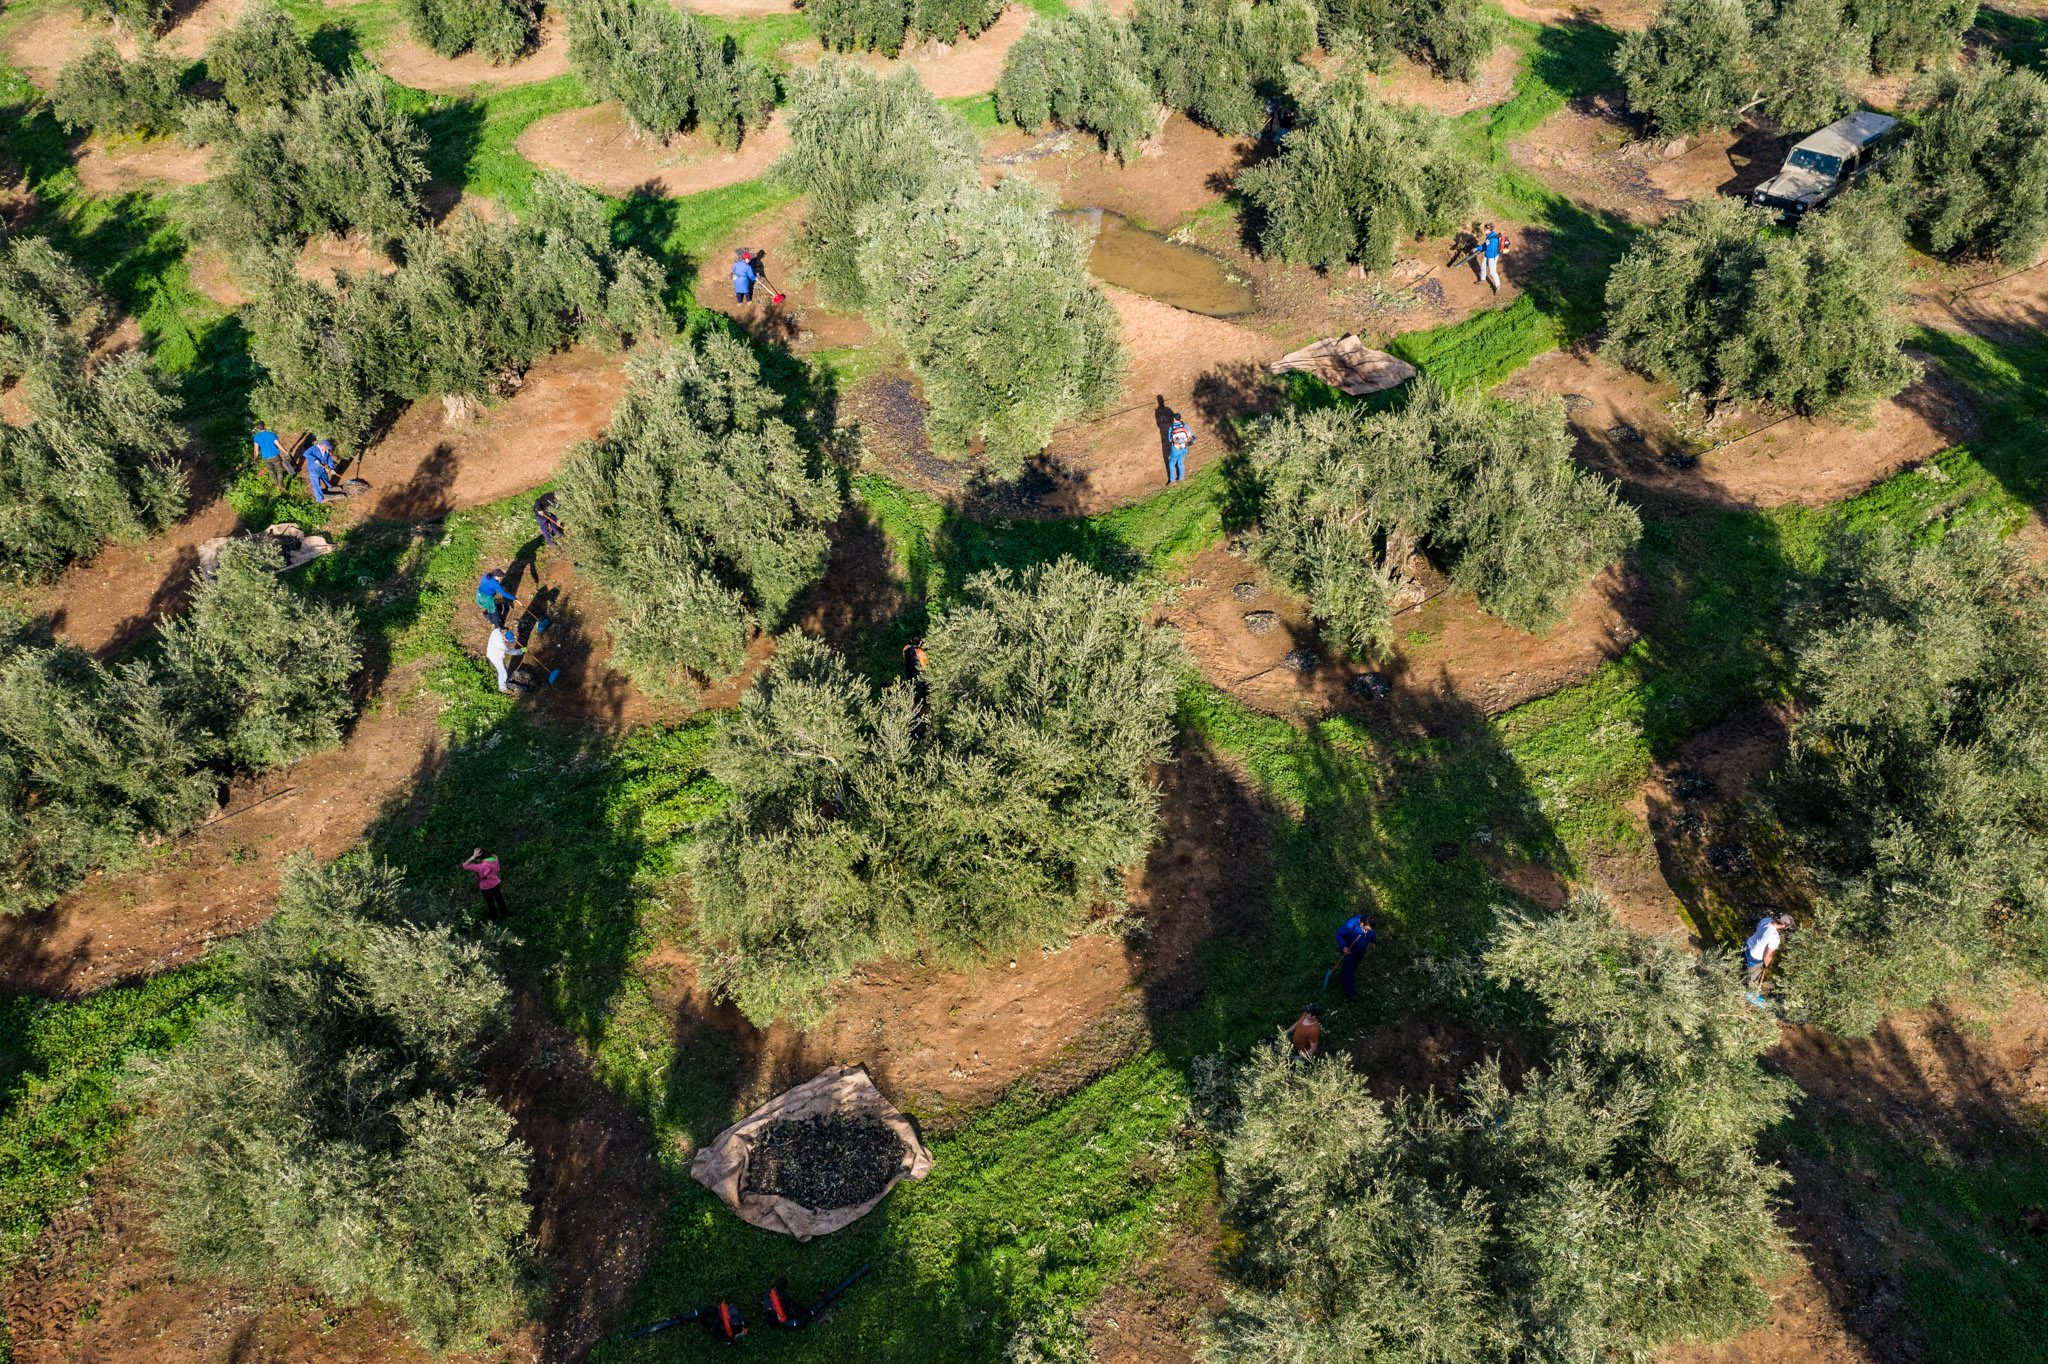 huile-olive_espagne_andalousie_recolte_moisson_paysage_production_champs_oliverais_arbres__manolo_mylonas